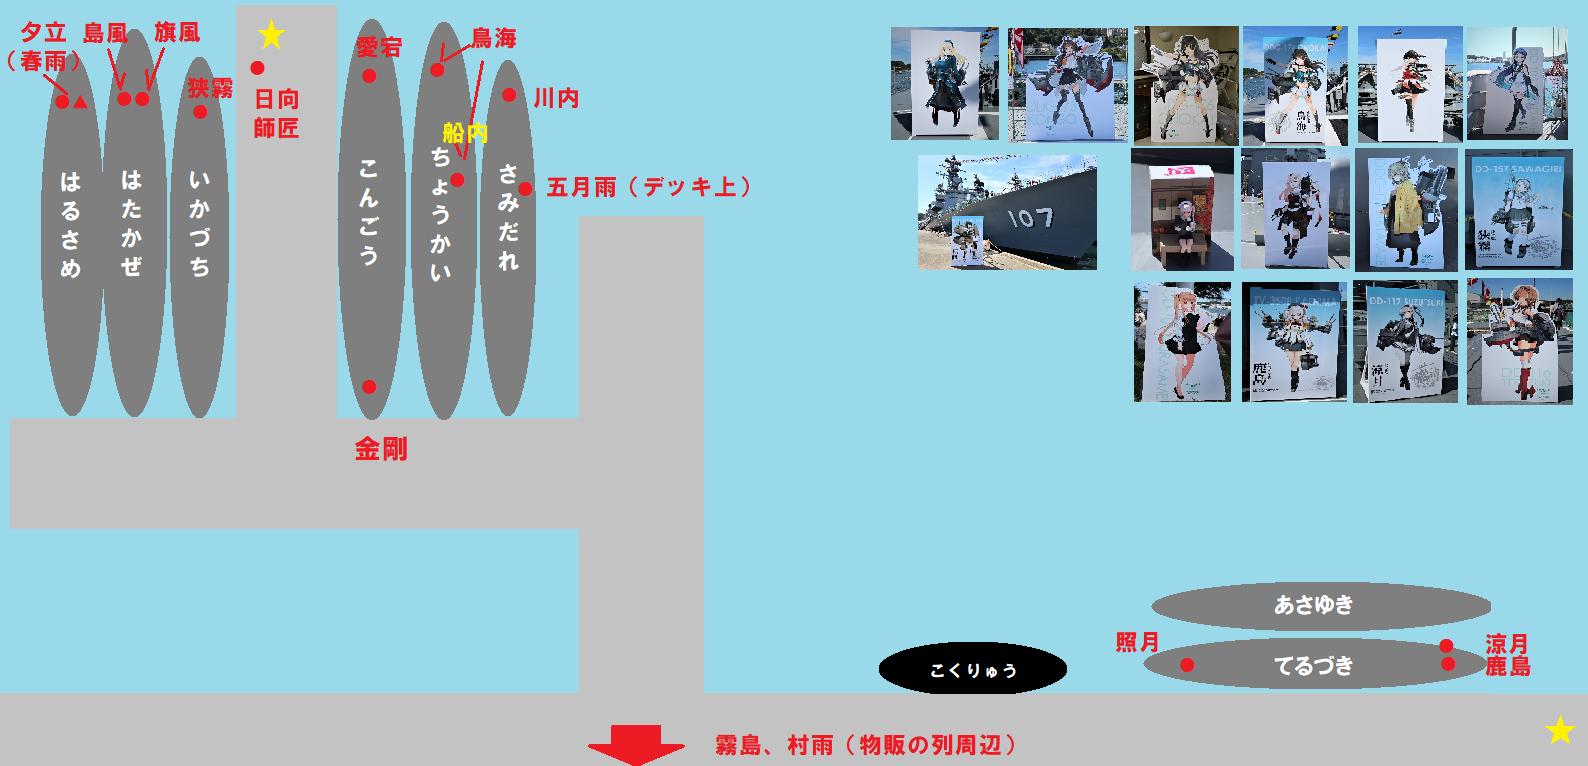 横須賀基地艦娘パネル配置図写真付き